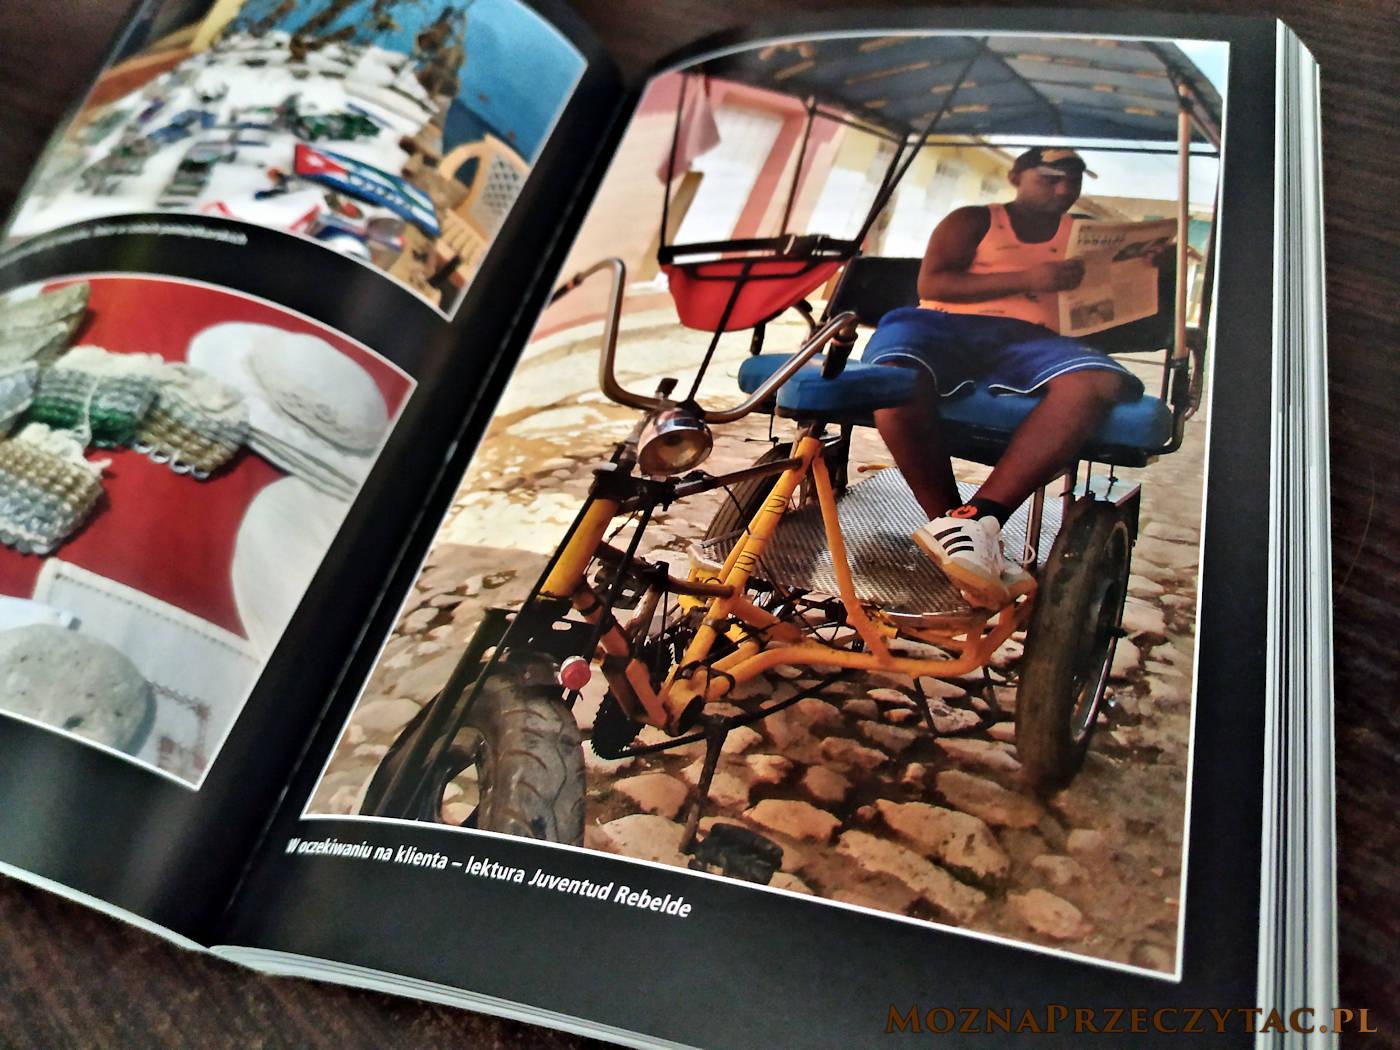 Kuba. Gorzki smak cygar - Krzysztof Hola